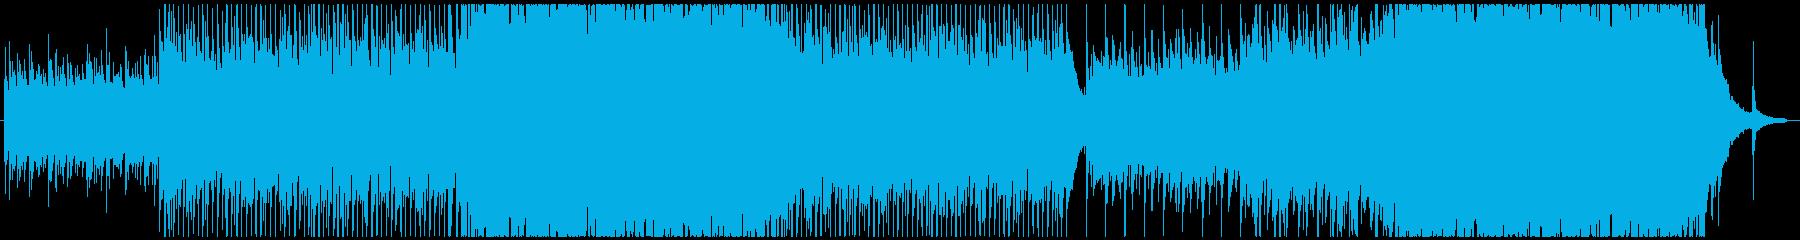 爽やかさのある軽快なPopsの再生済みの波形